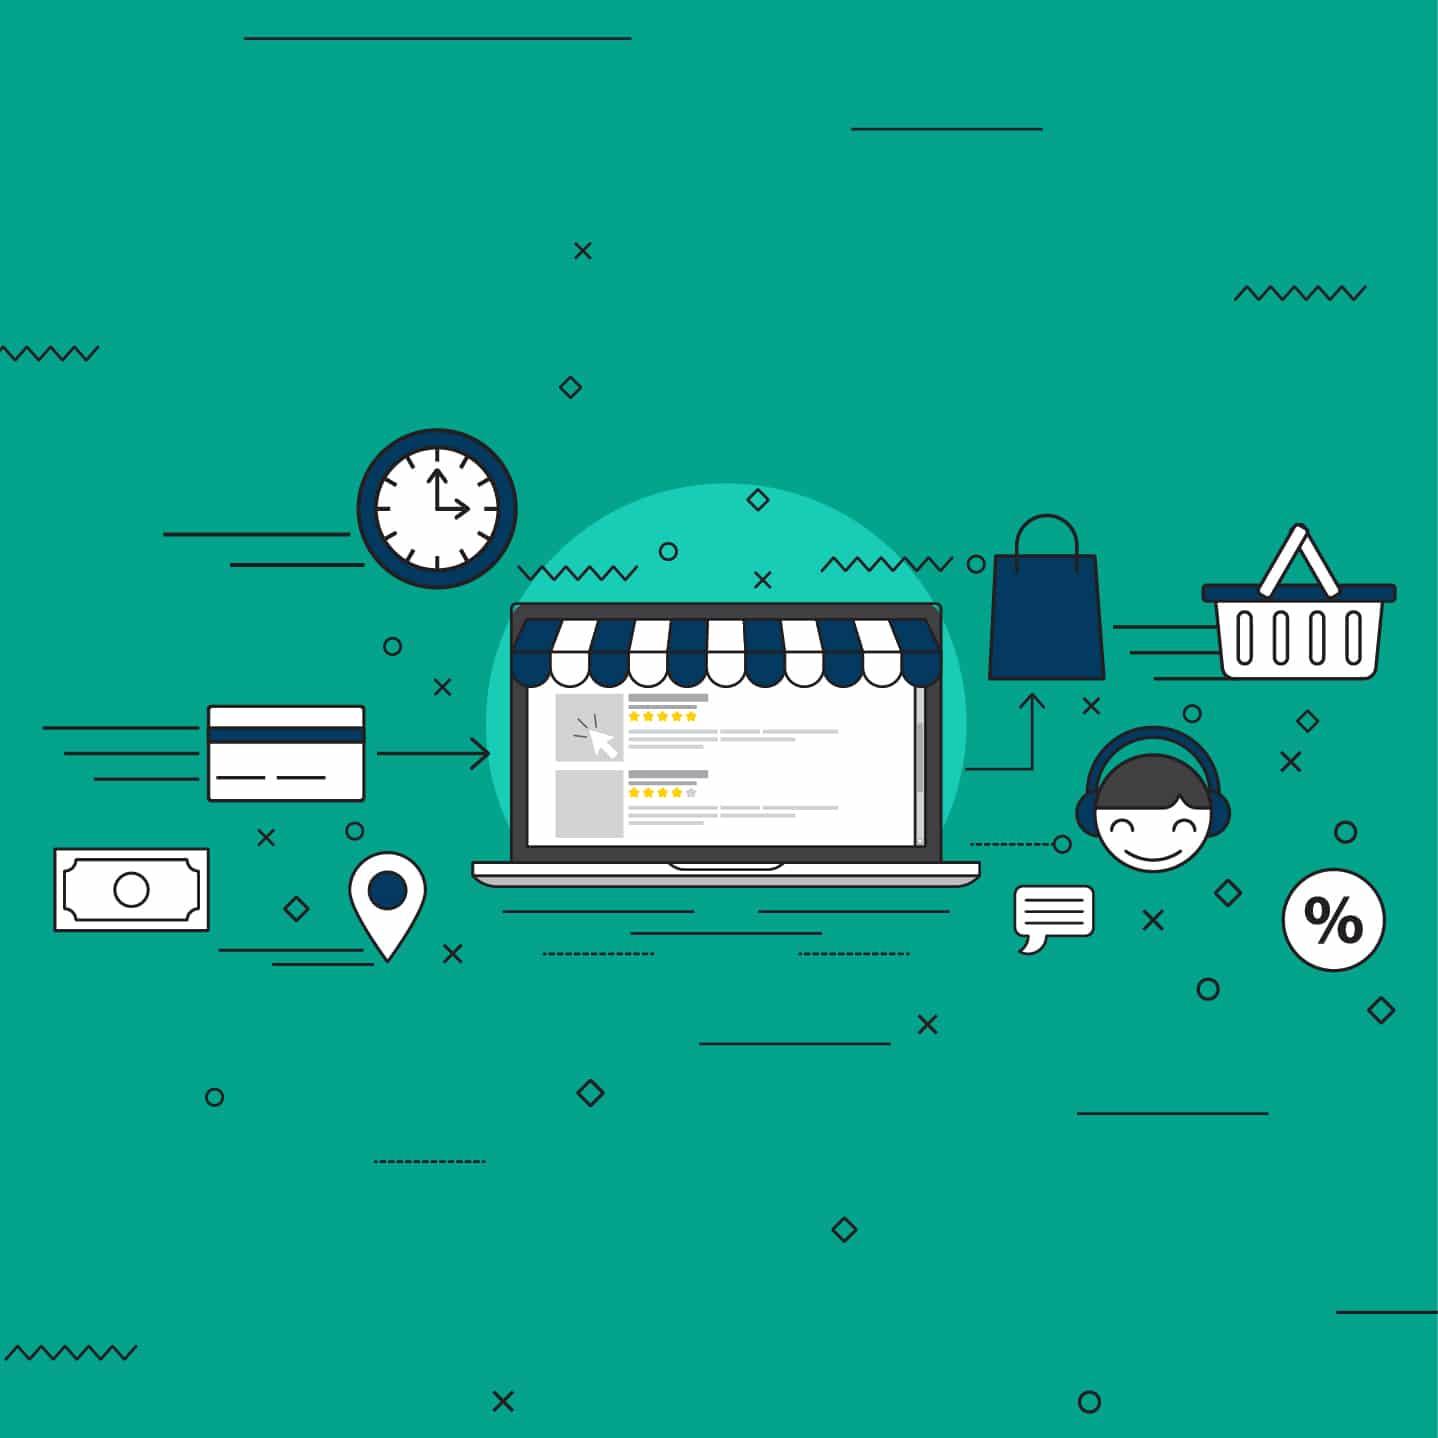 بحث عن التجارة الالكترونية في السعودية